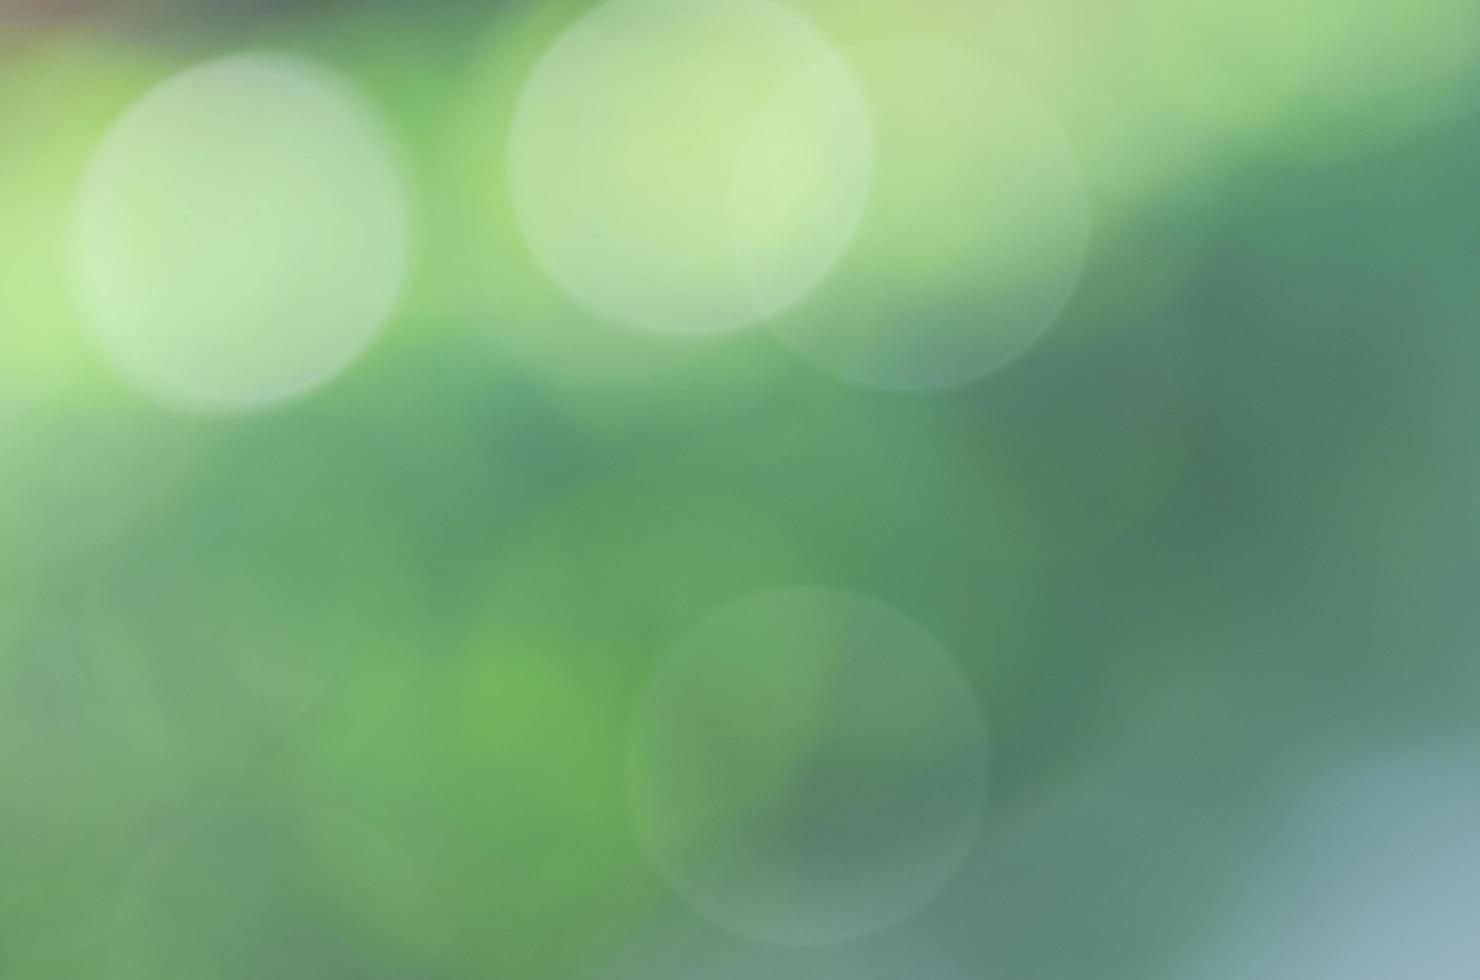 cerchio bokeh luci del sole sugli sfondi del giardino verde foto